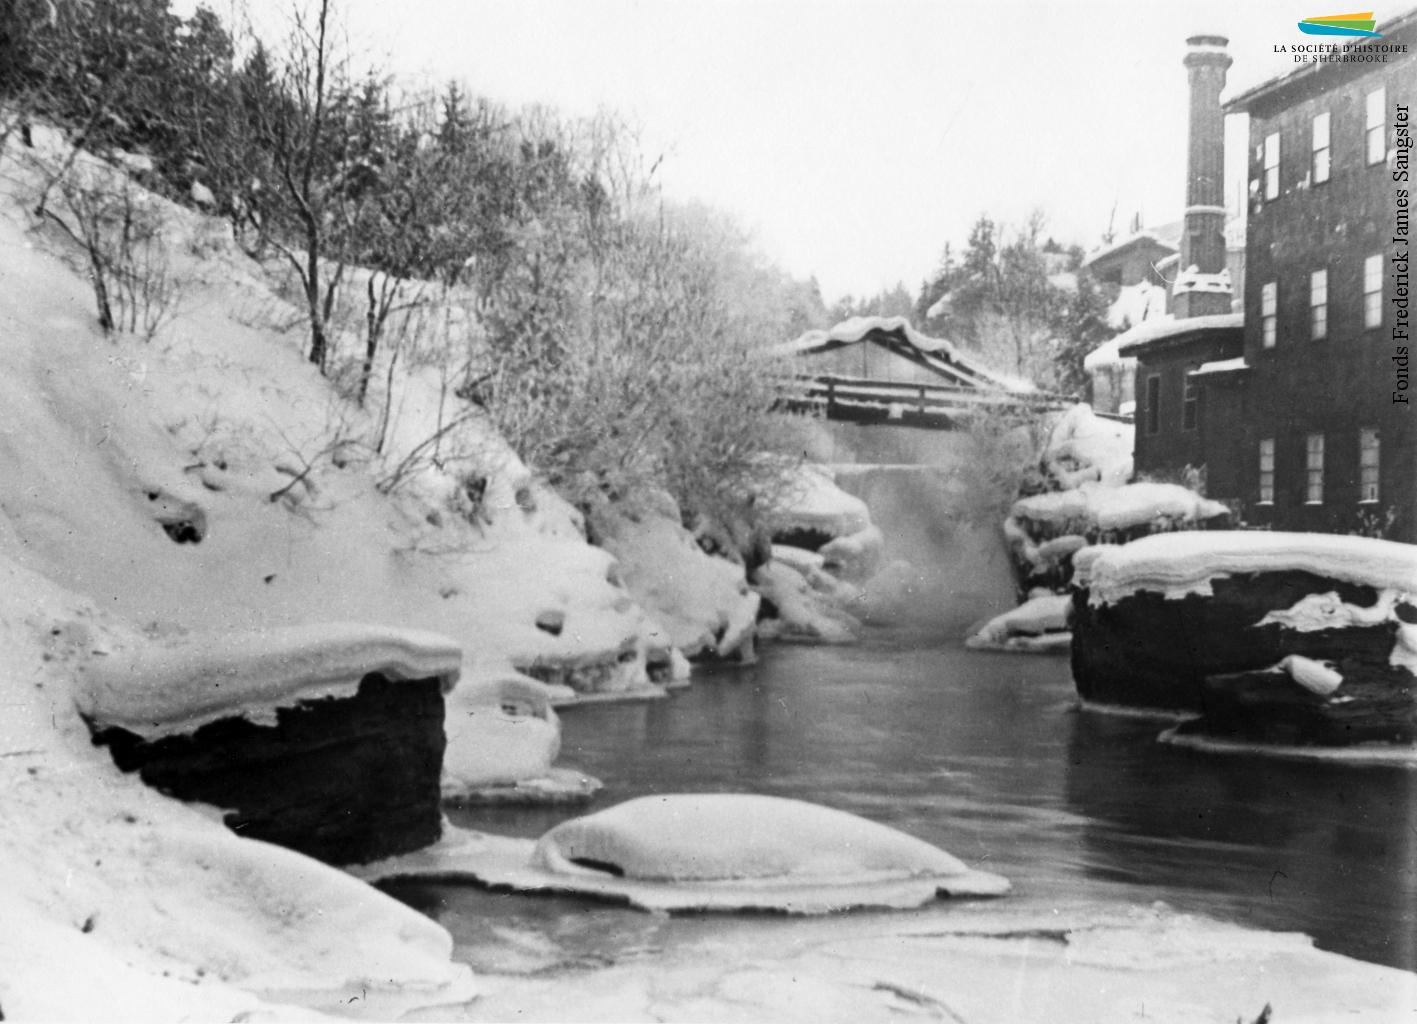 La rivière Magog en hiver, vers 1900. Son fort débit fait en sorte que l'eau ne gèle pas et qu'elle peut alimenter en énergie hydraulique les manufactures situées sur ses rives. Après l'adoption de l'électricité comme principale source d'énergie, ce sont les centrales hydroélectriques qui sont alimentées toute l'année.